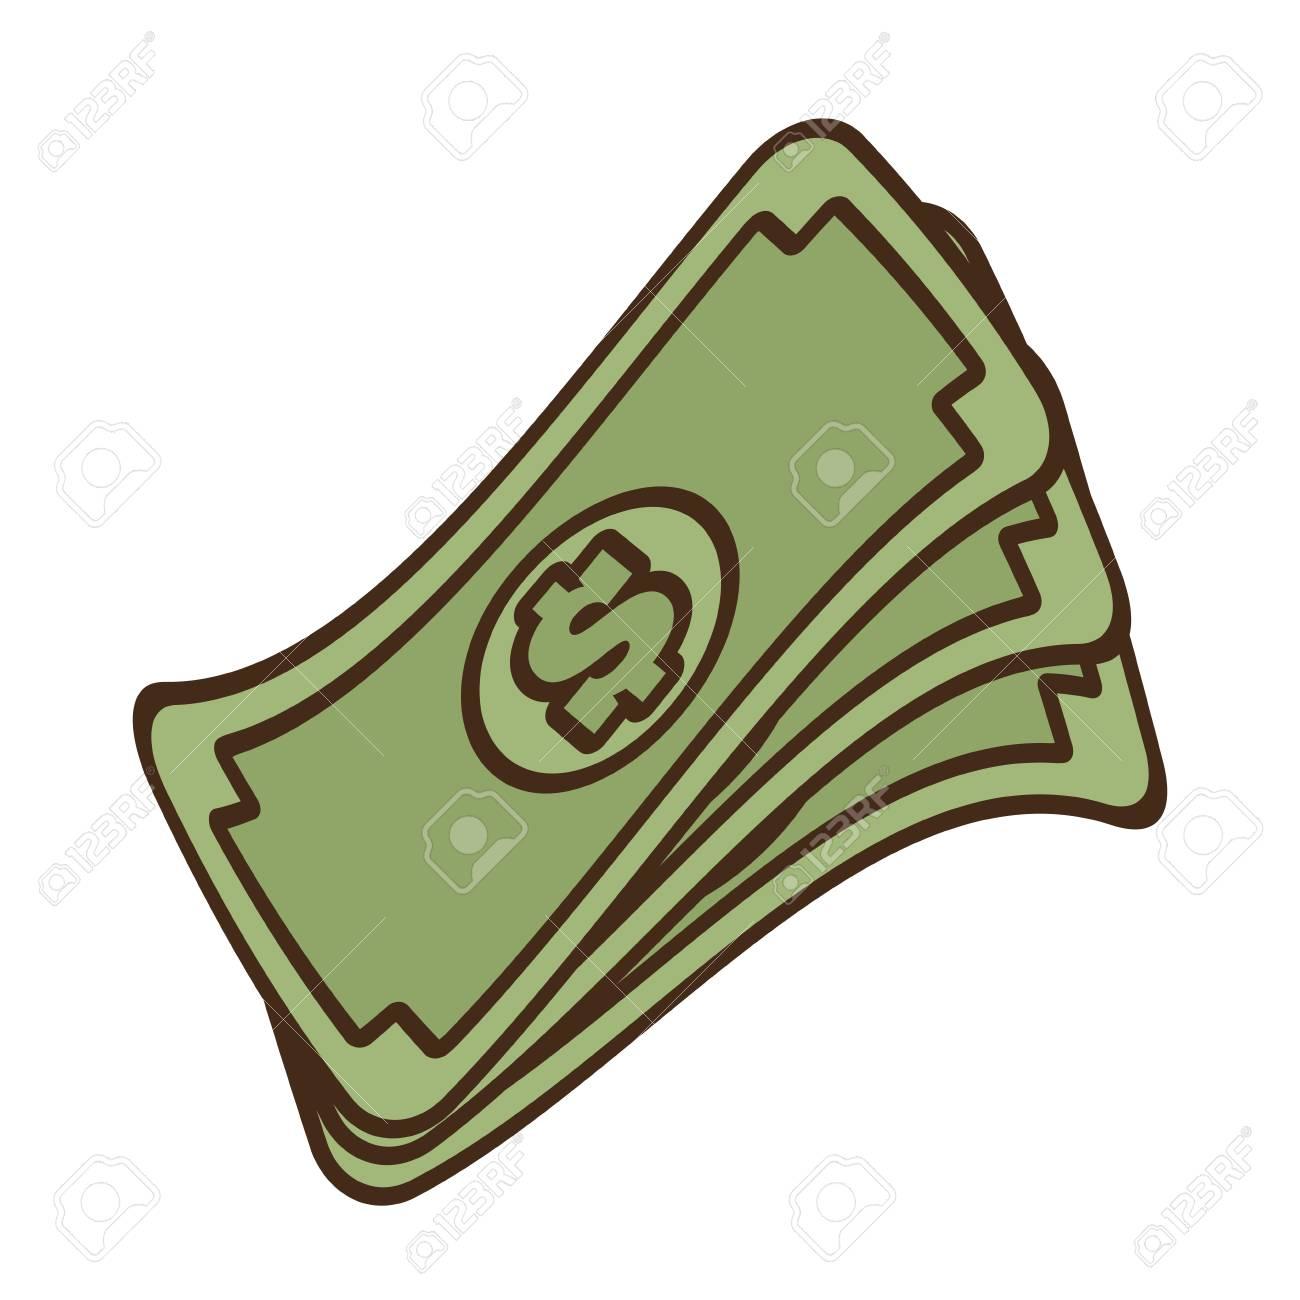 Dibujos Animados Pila Dinero Billetes Dólar Efectivo Ilustración Vectorial Eps 10